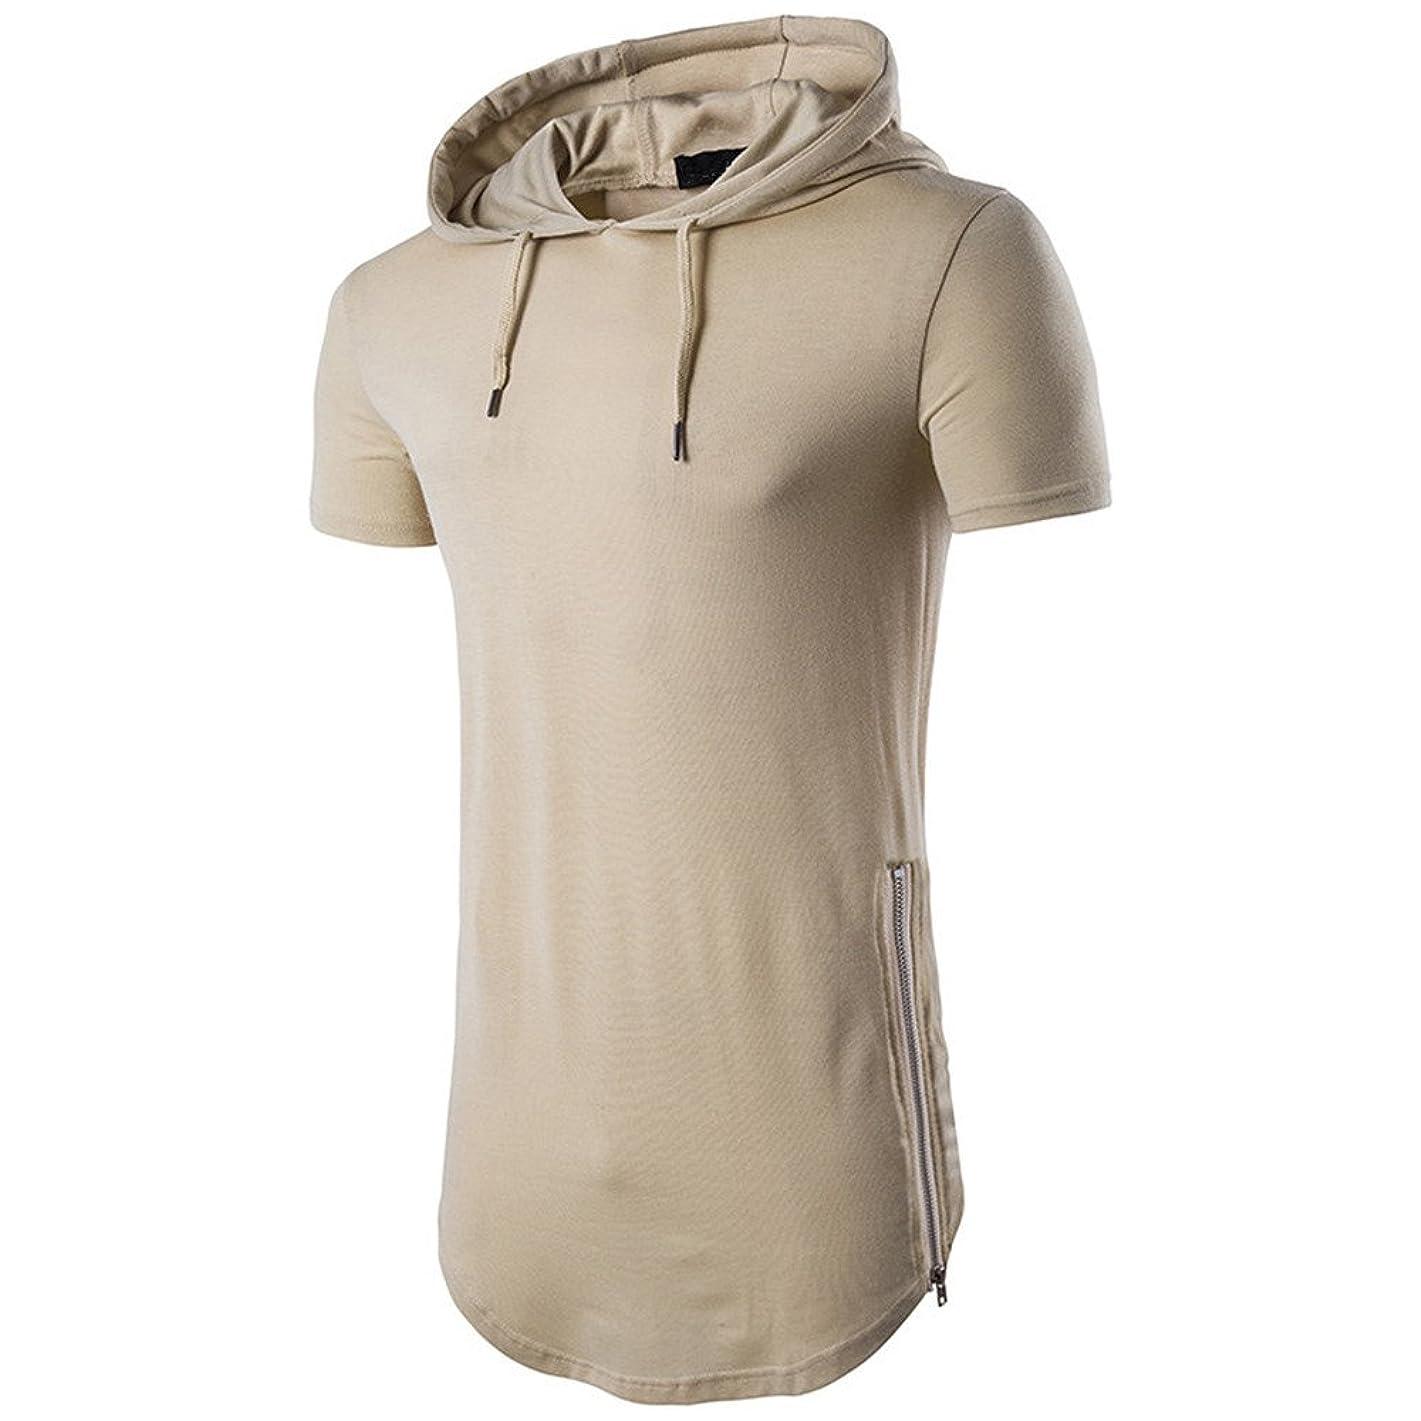 WUAI Men's Short Sleeve Hoodie Casual Fashion Outdoor T-Shirt Blouse